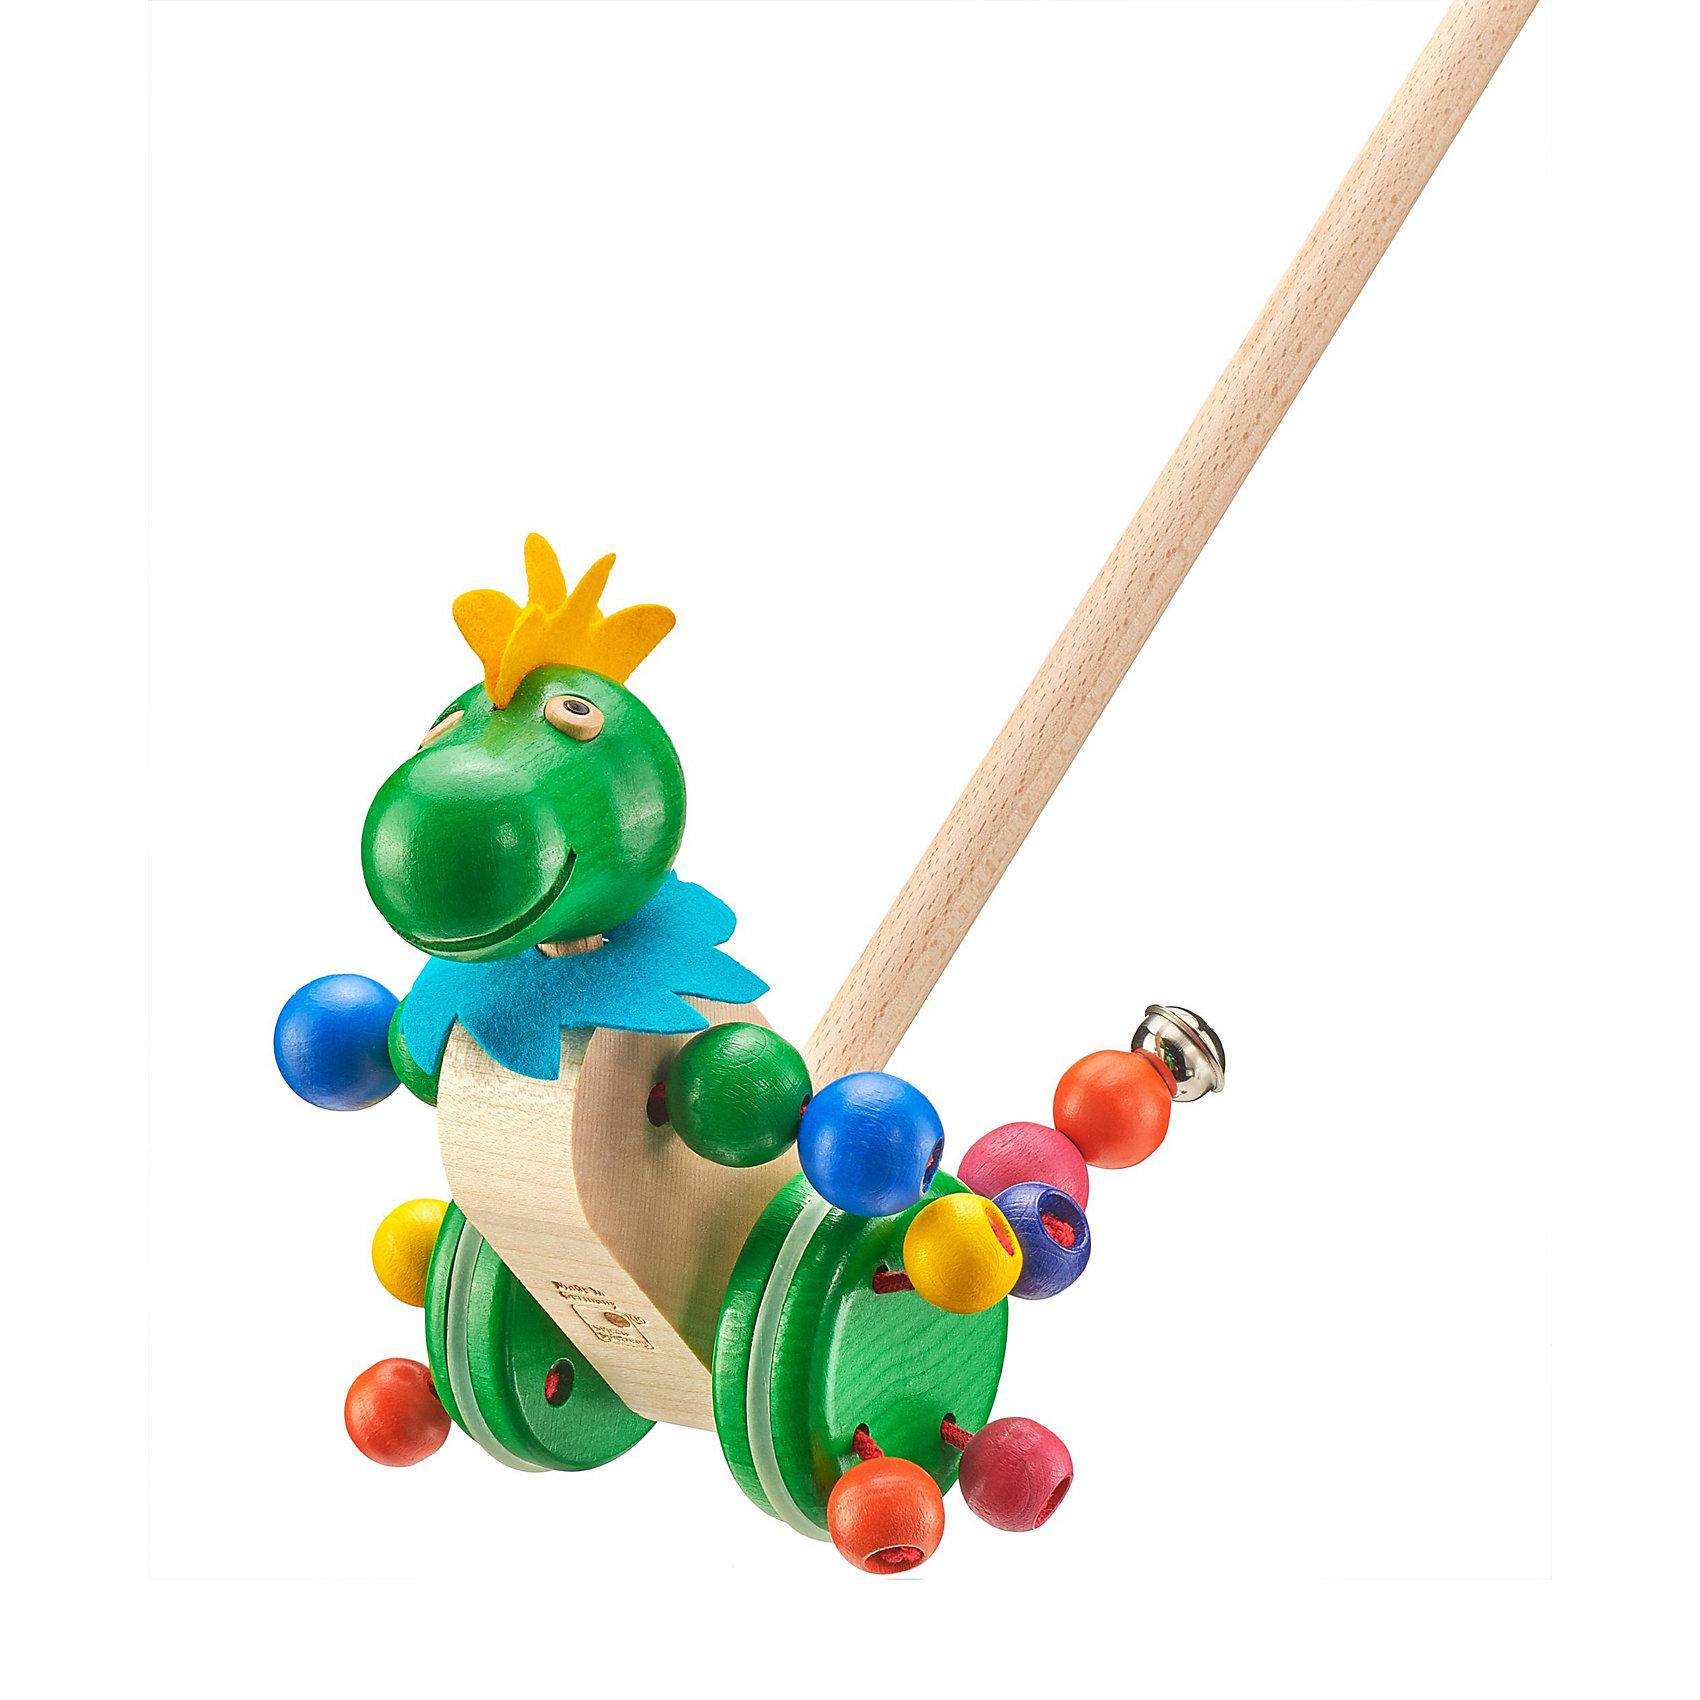 Selecta Игрушка-каталка ТаттолоИгрушки-каталки<br>Игрушка-каталка Таттоло отправляется в большое путешествие! Голова, хвост, руки, ноги – все шевелится, гремит, кружится и радуется первым шагам малыша. Маленький дракон усердно поддерживает малыша, когда тот учится ходить, пока дело не пойдет лучше, быстрее и увереннее. Милейшее первобытное животное для долгих тренировок.     <br>      <br>    <br>    Дополнительные характеристики:  <br>      <br>    <br>    + Длина: ок. 21 см.  <br>      <br>    <br>    + Материал: клен  <br>      <br>    <br>    + Безопасность проверена Союзом работников технического надзора (T?V)    <br>      <br>    <br>    Структура дерева пробуждает фантазию и передает самые разные впечатления, обращаясь к разным органам чувств. Данный артикул дополнительно обработан пчелиным воском, что делает его поверхность гладкой и мягкой. Естественный аромат способствует развитию чувств и ощущений у детей.<br><br>Ширина мм: 627<br>Глубина мм: 182<br>Высота мм: 171<br>Вес г: 460<br>Возраст от месяцев: 10<br>Возраст до месяцев: 18<br>Пол: Унисекс<br>Возраст: Детский<br>SKU: 1421874